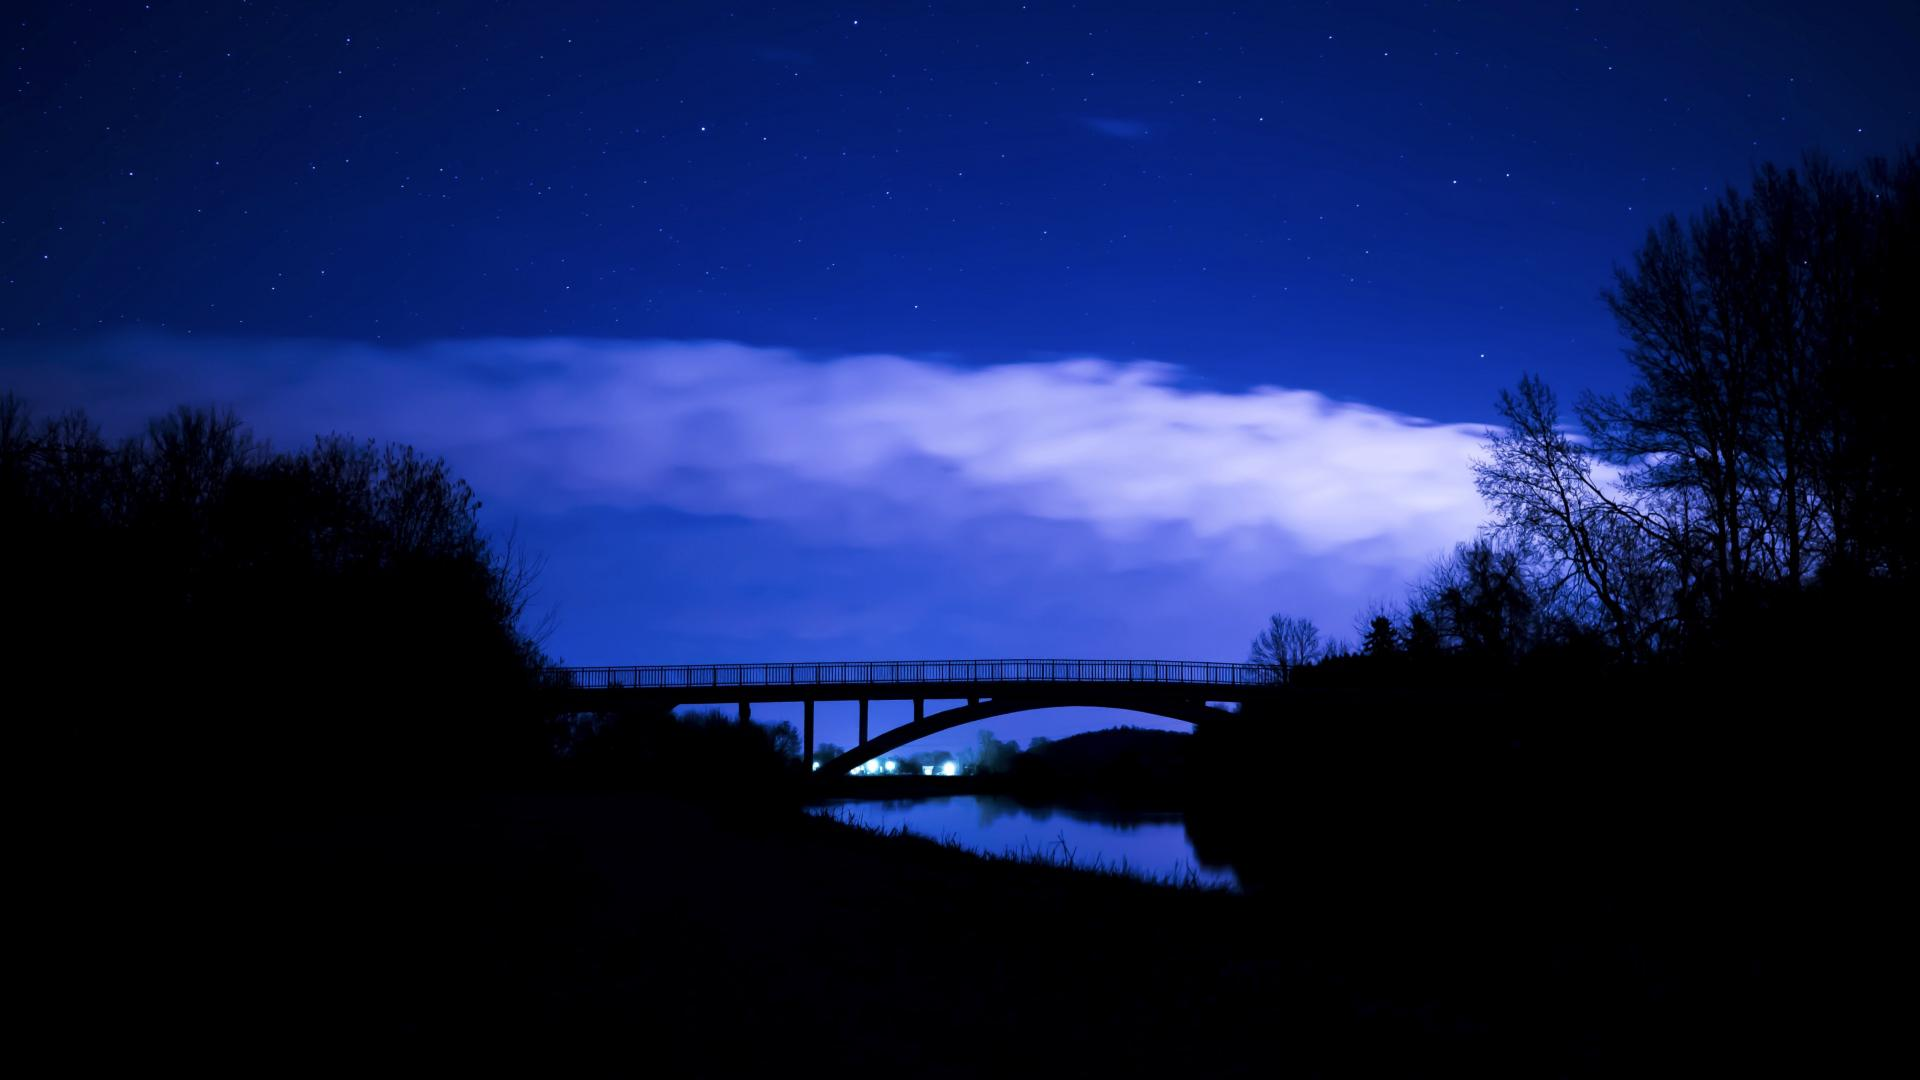 hd hintergrundbilder sterne nacht brücke wolken 1920x1080